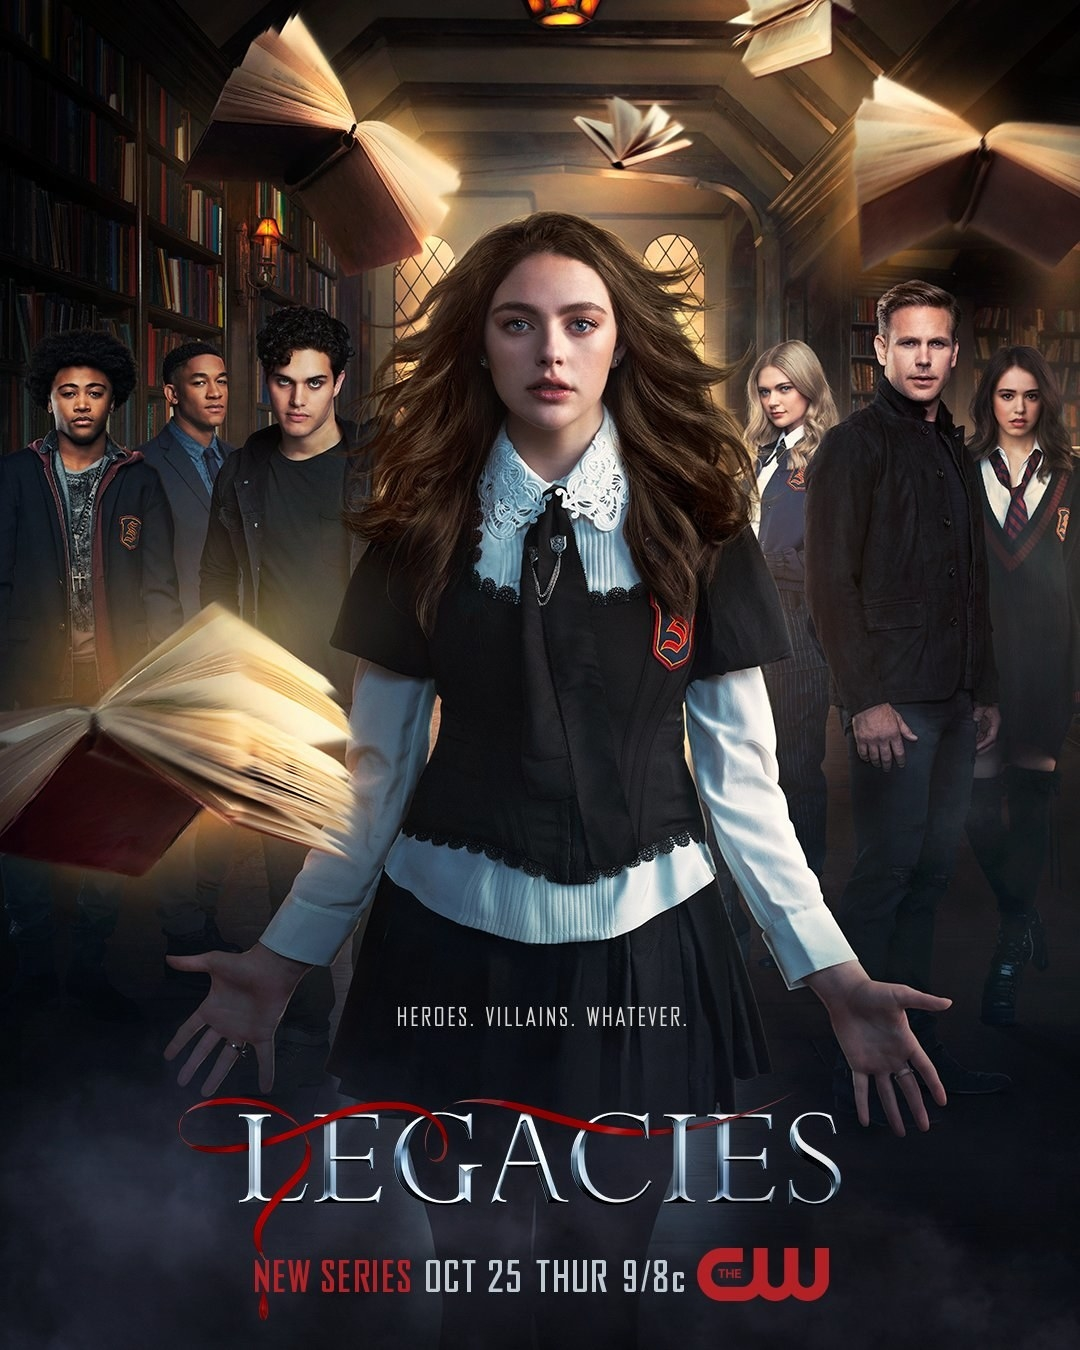 Serie The Vampire Diaries online subtitulada